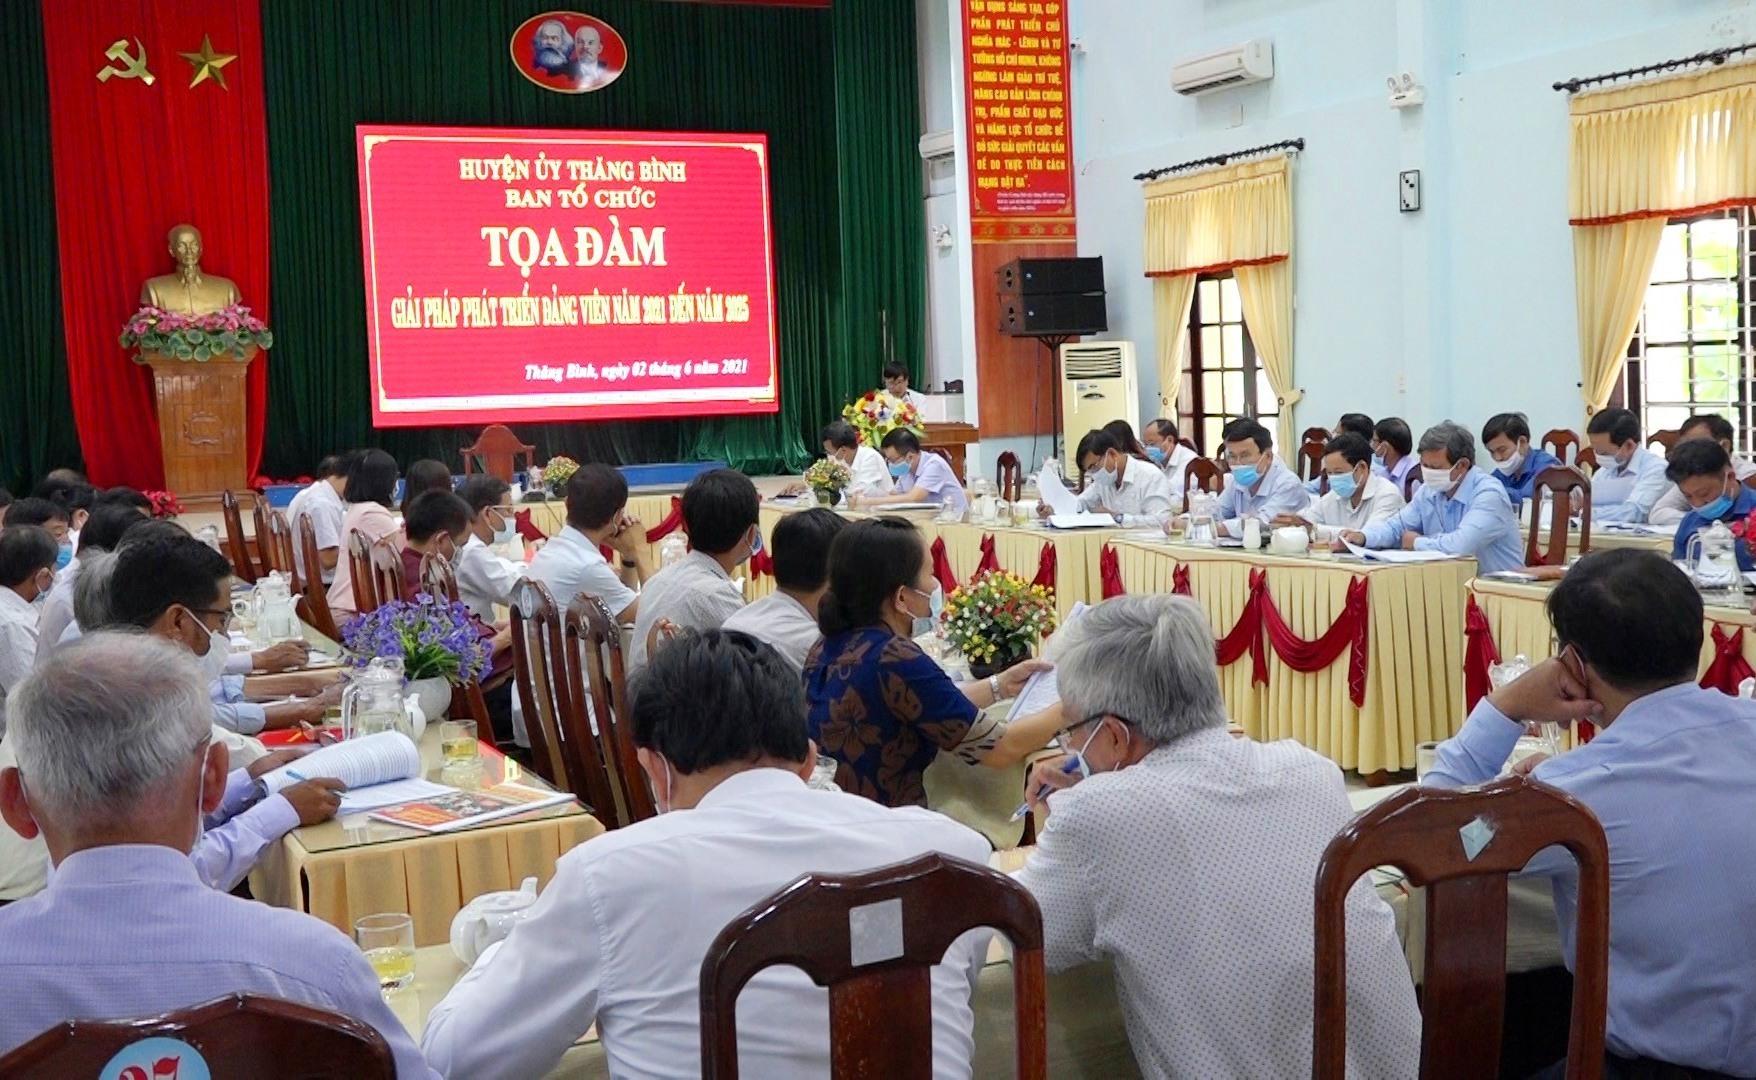 """Huyện ủy Thăng Bình tổ chức """"Tọa đàm phát triển đảng viên năm 2021 đến năm 2025"""" vào tháng 6.2021. Ảnh: MINH TÂN"""